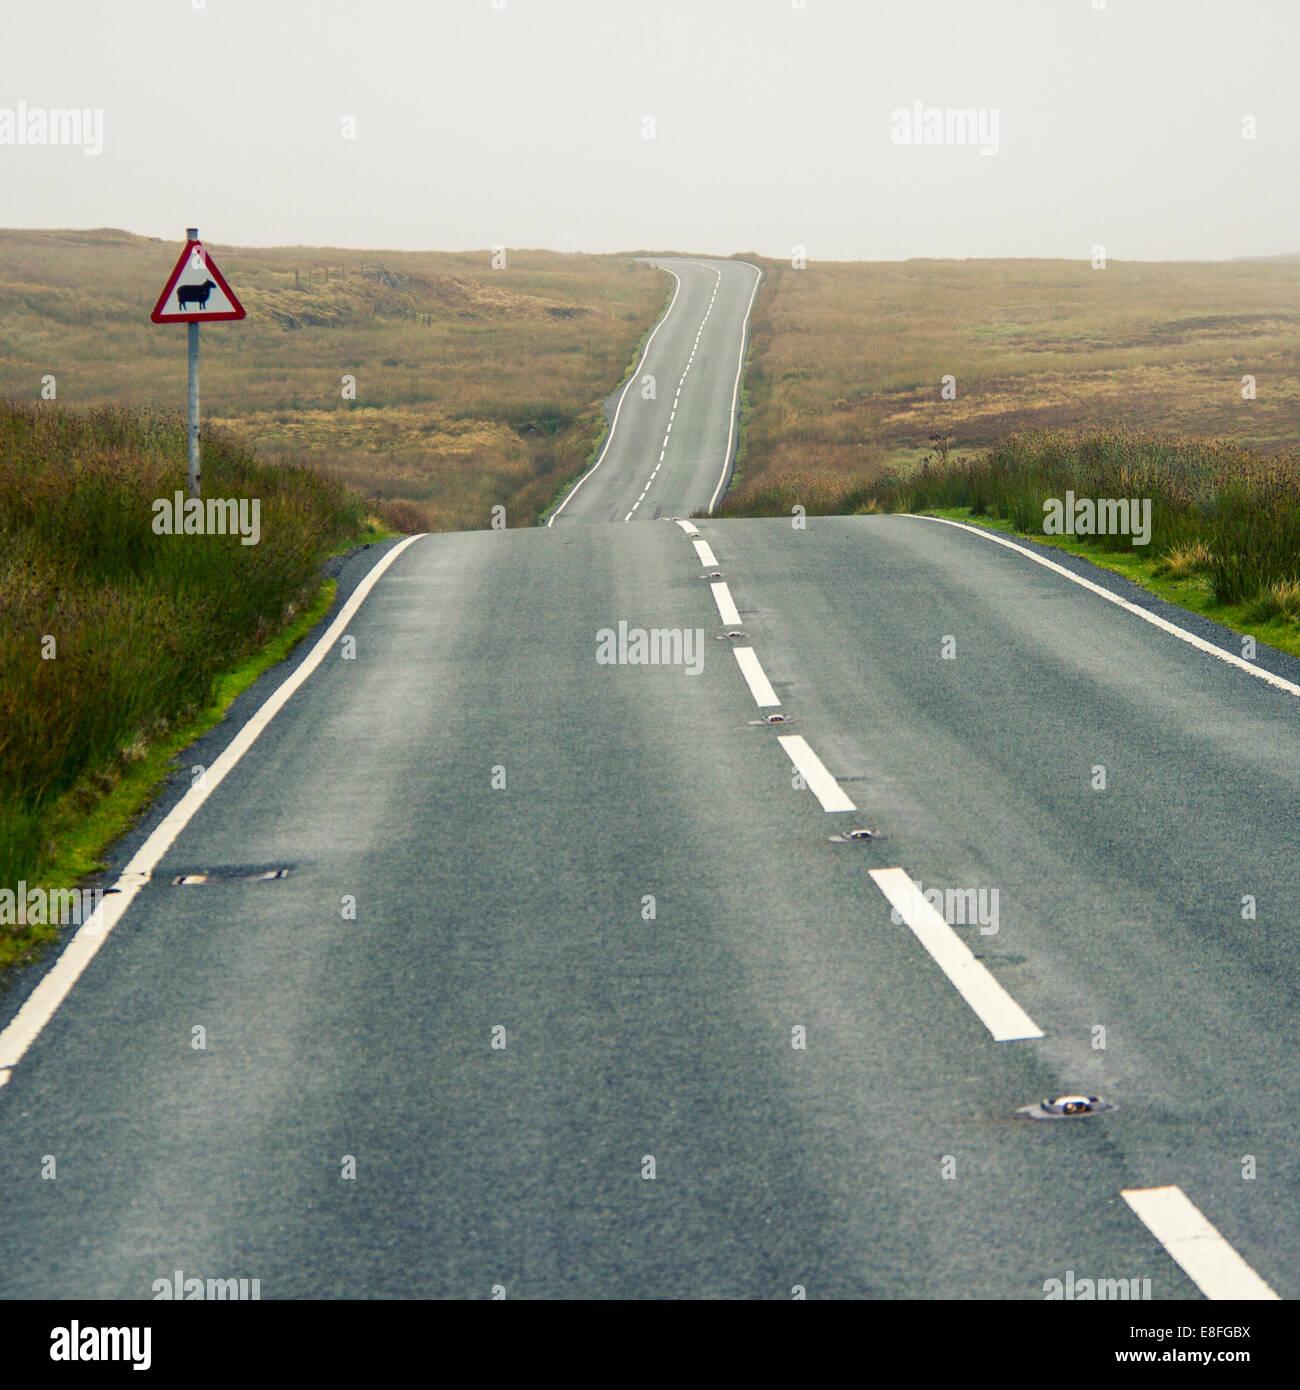 Route droite et un mouton animal crossing sign Photo Stock